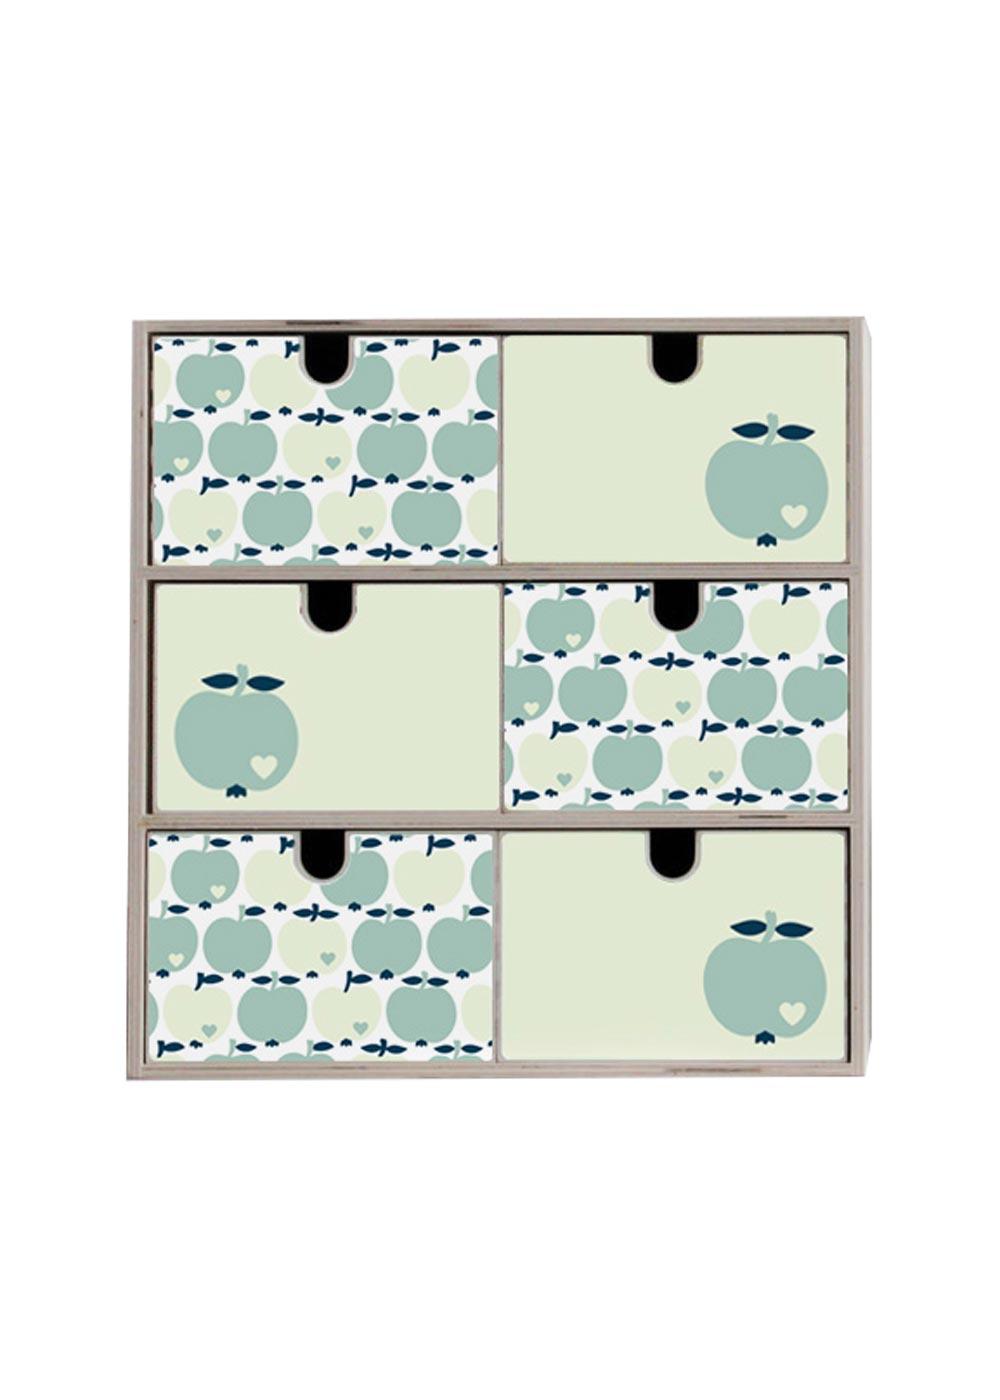 Klebefolie Mini Moppe IKEA By Graziela Apfel mint Komplettansicht